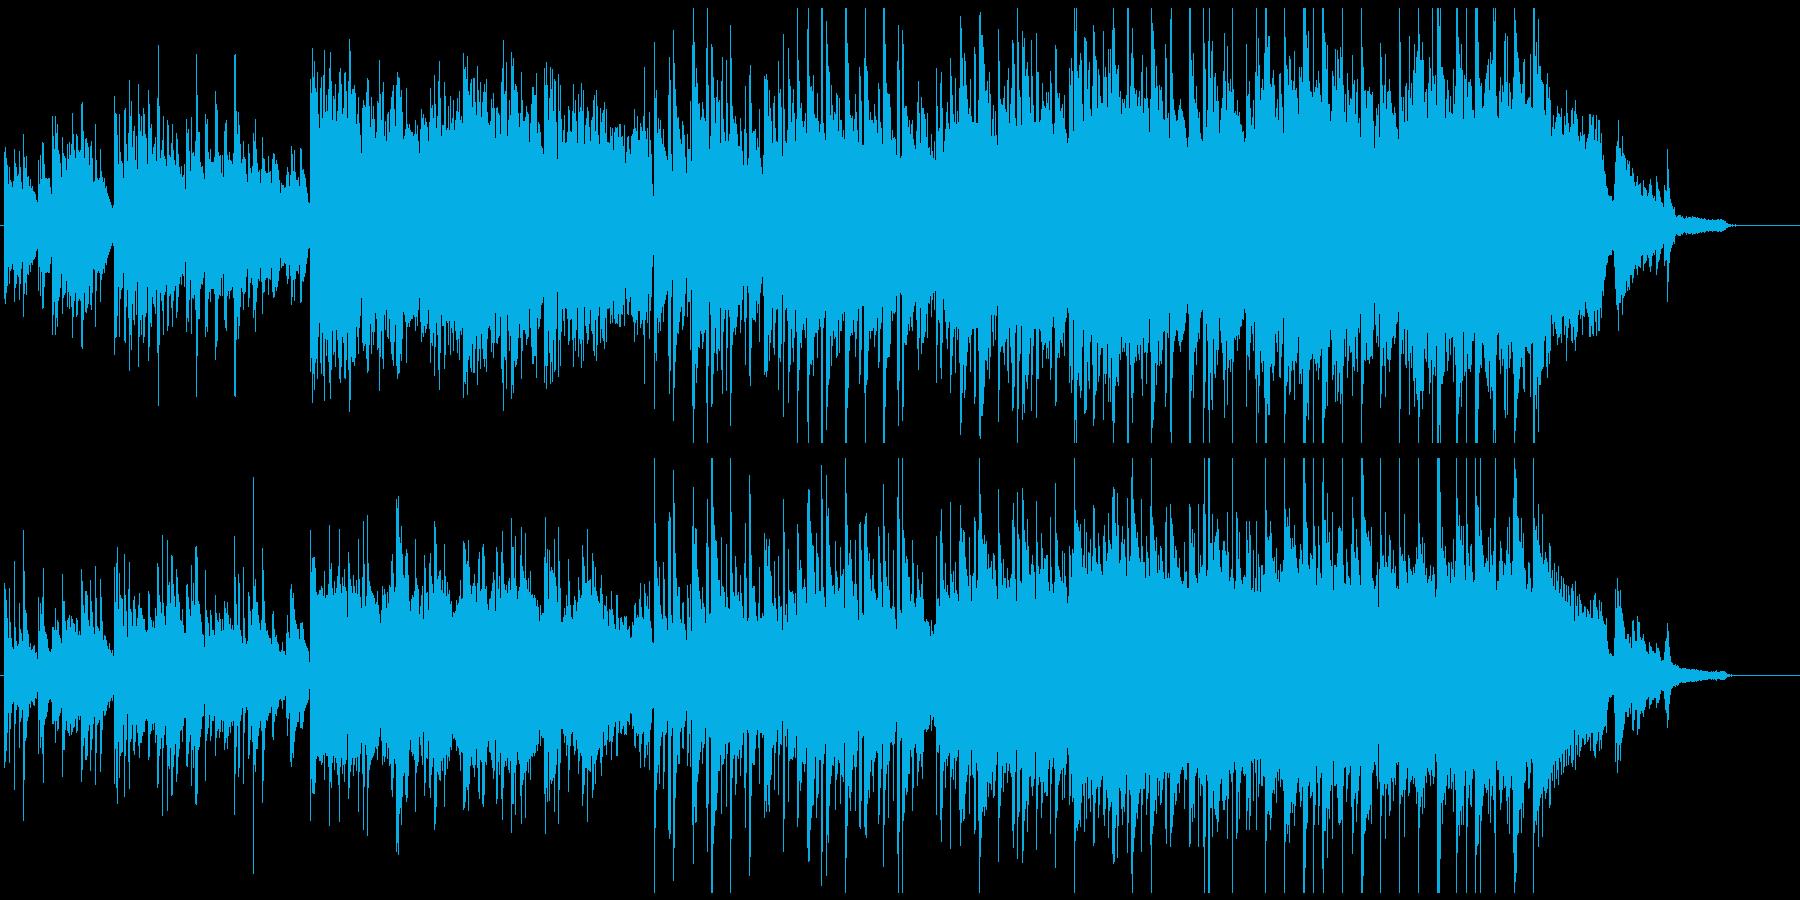 和風な日本の風景BGMの再生済みの波形